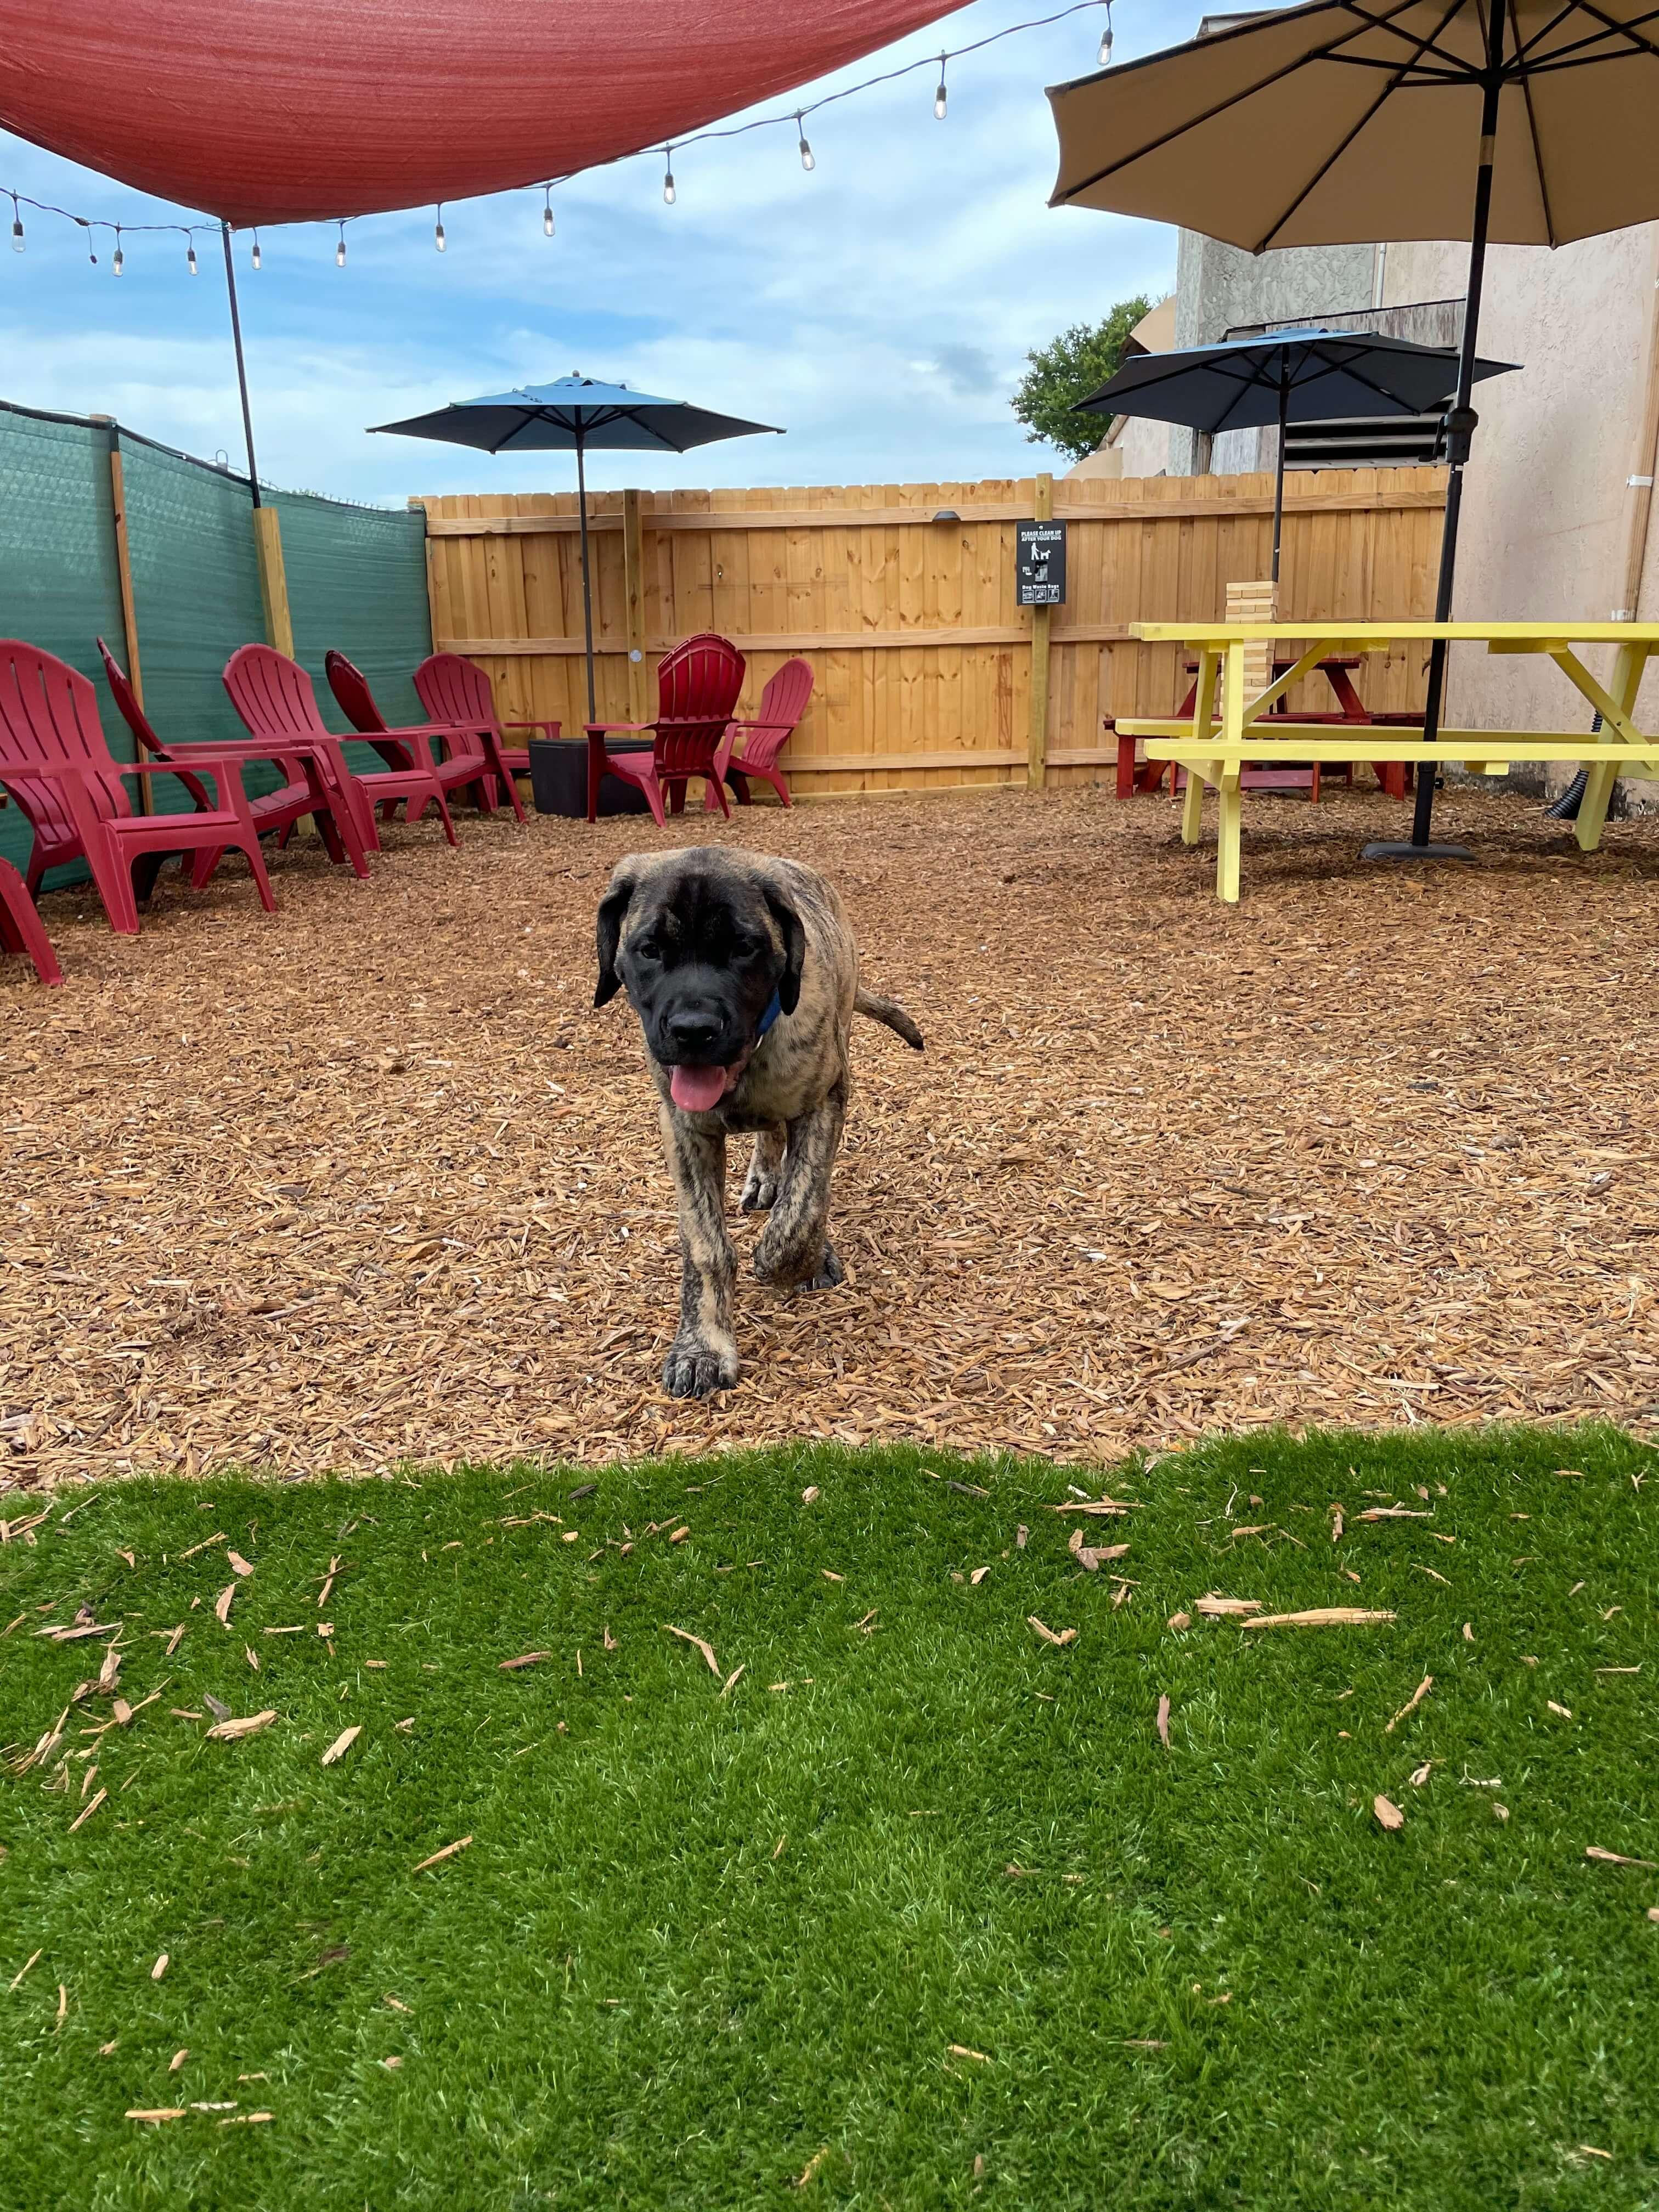 ruff houz bark park outdoors